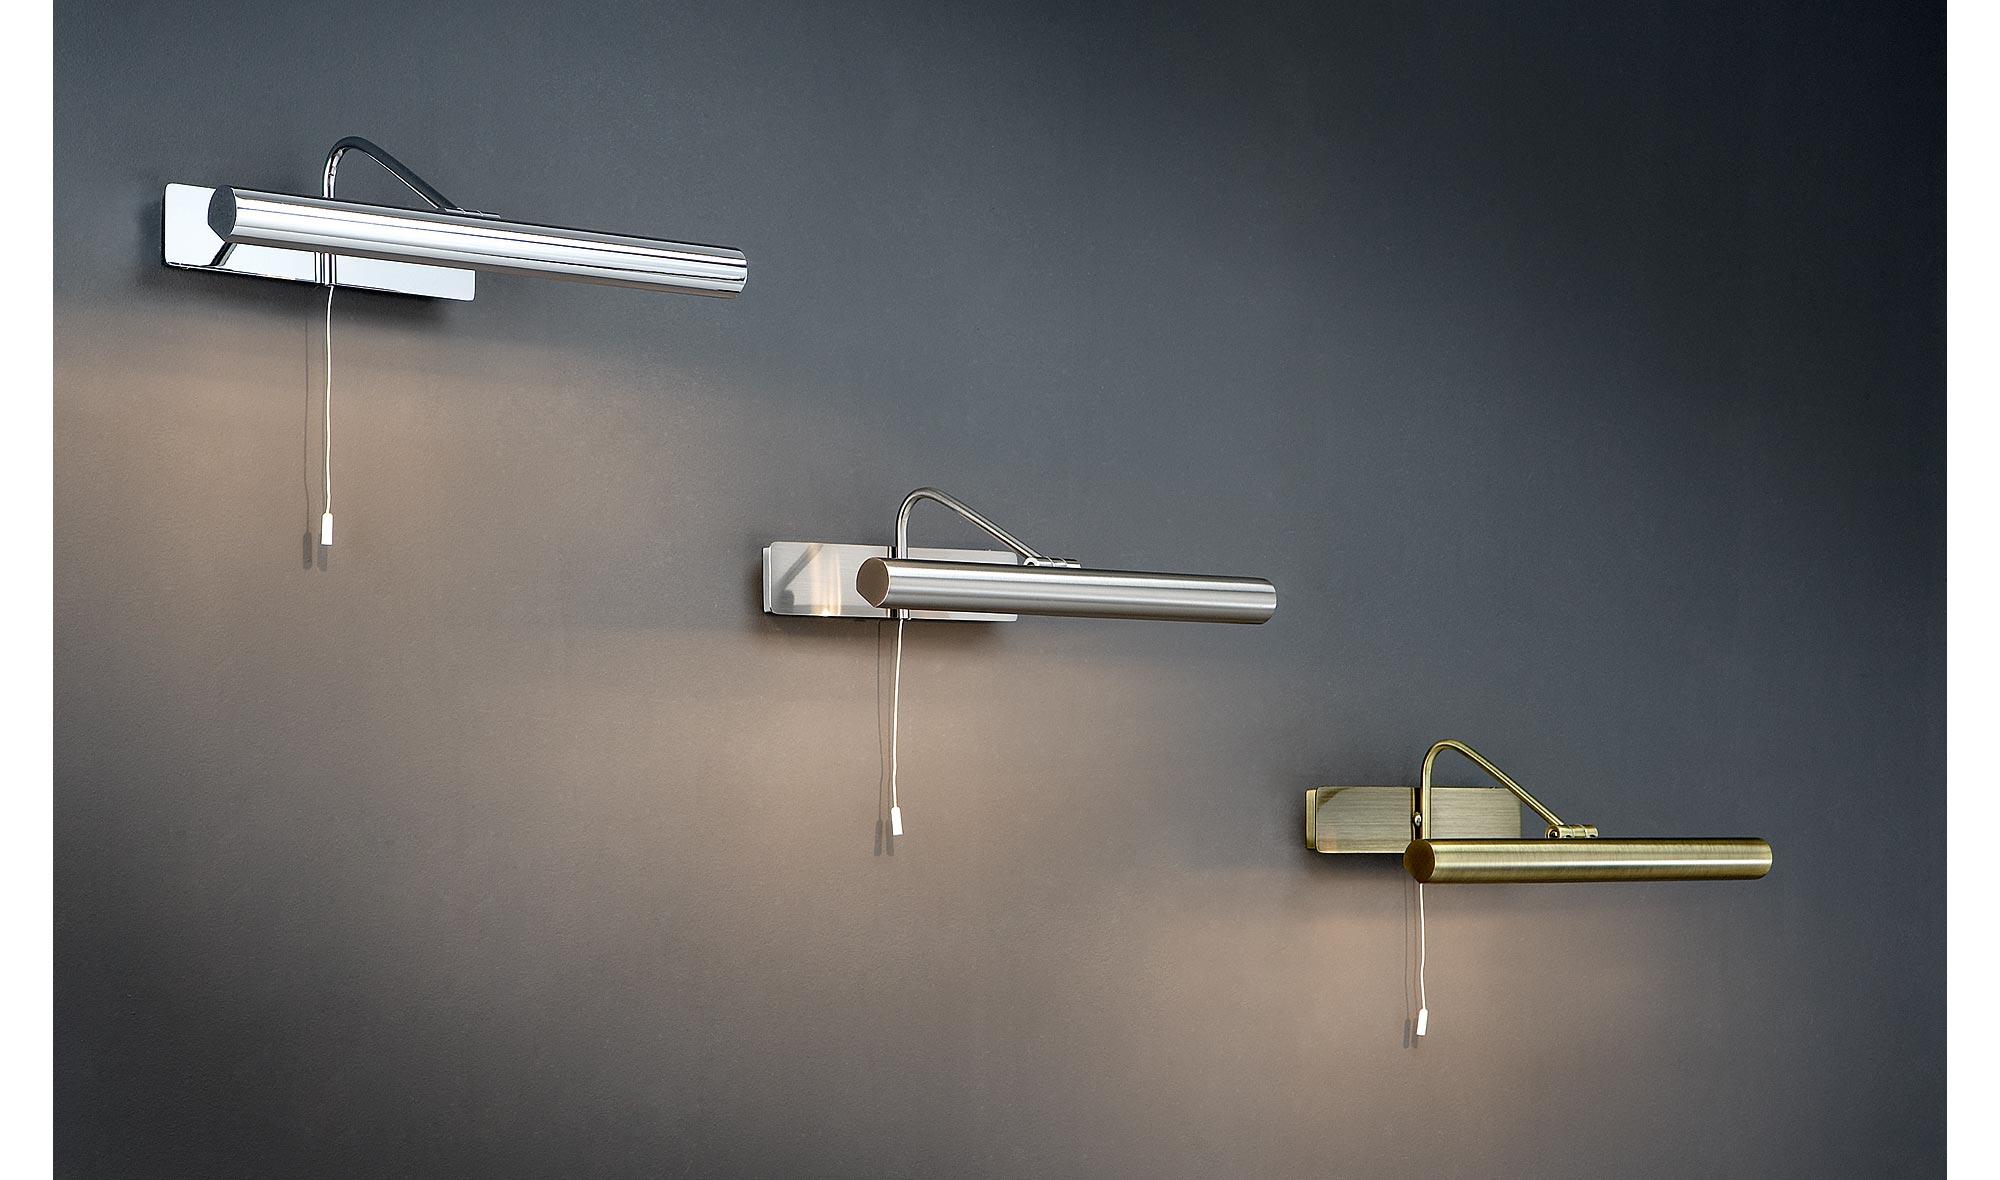 Aplique pared cuadro de bronce no disponible en for Apliques de bronce para muebles